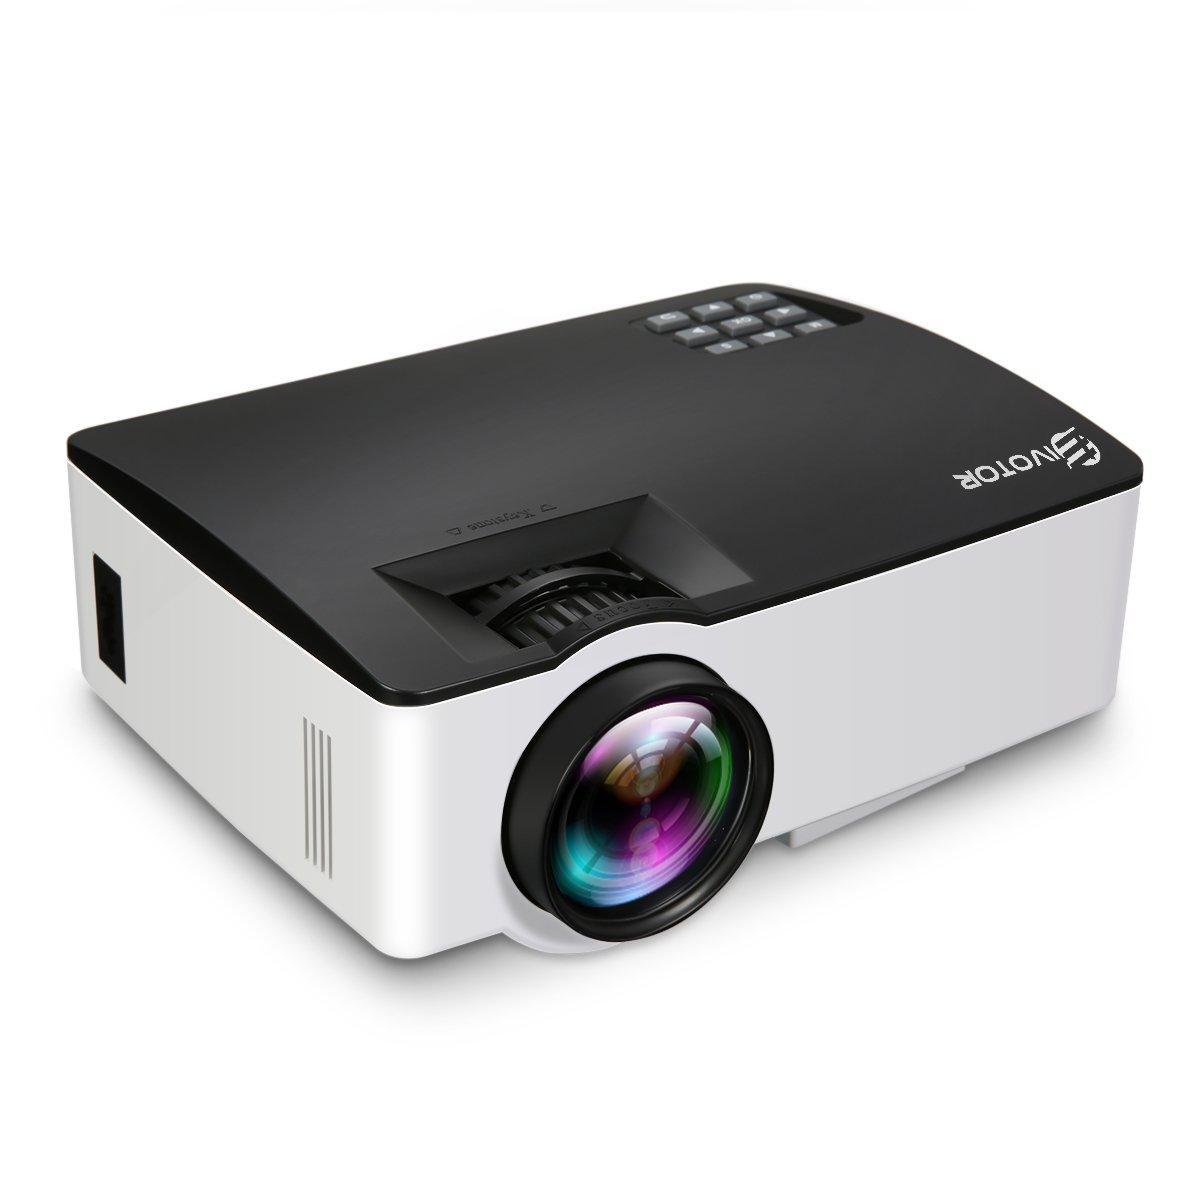 Video Proiettore LCD, EIVOTOR Proiettore Domestico Full HD Supporto 1080P con HDMI / USB / SD / VGA / AV, Mini Proiettore 1500 Lumen per Gaming / TV / Smartphone / PC / Home Cinema EIVOTOR Co. Ltd EIVOTORHON25LIN252